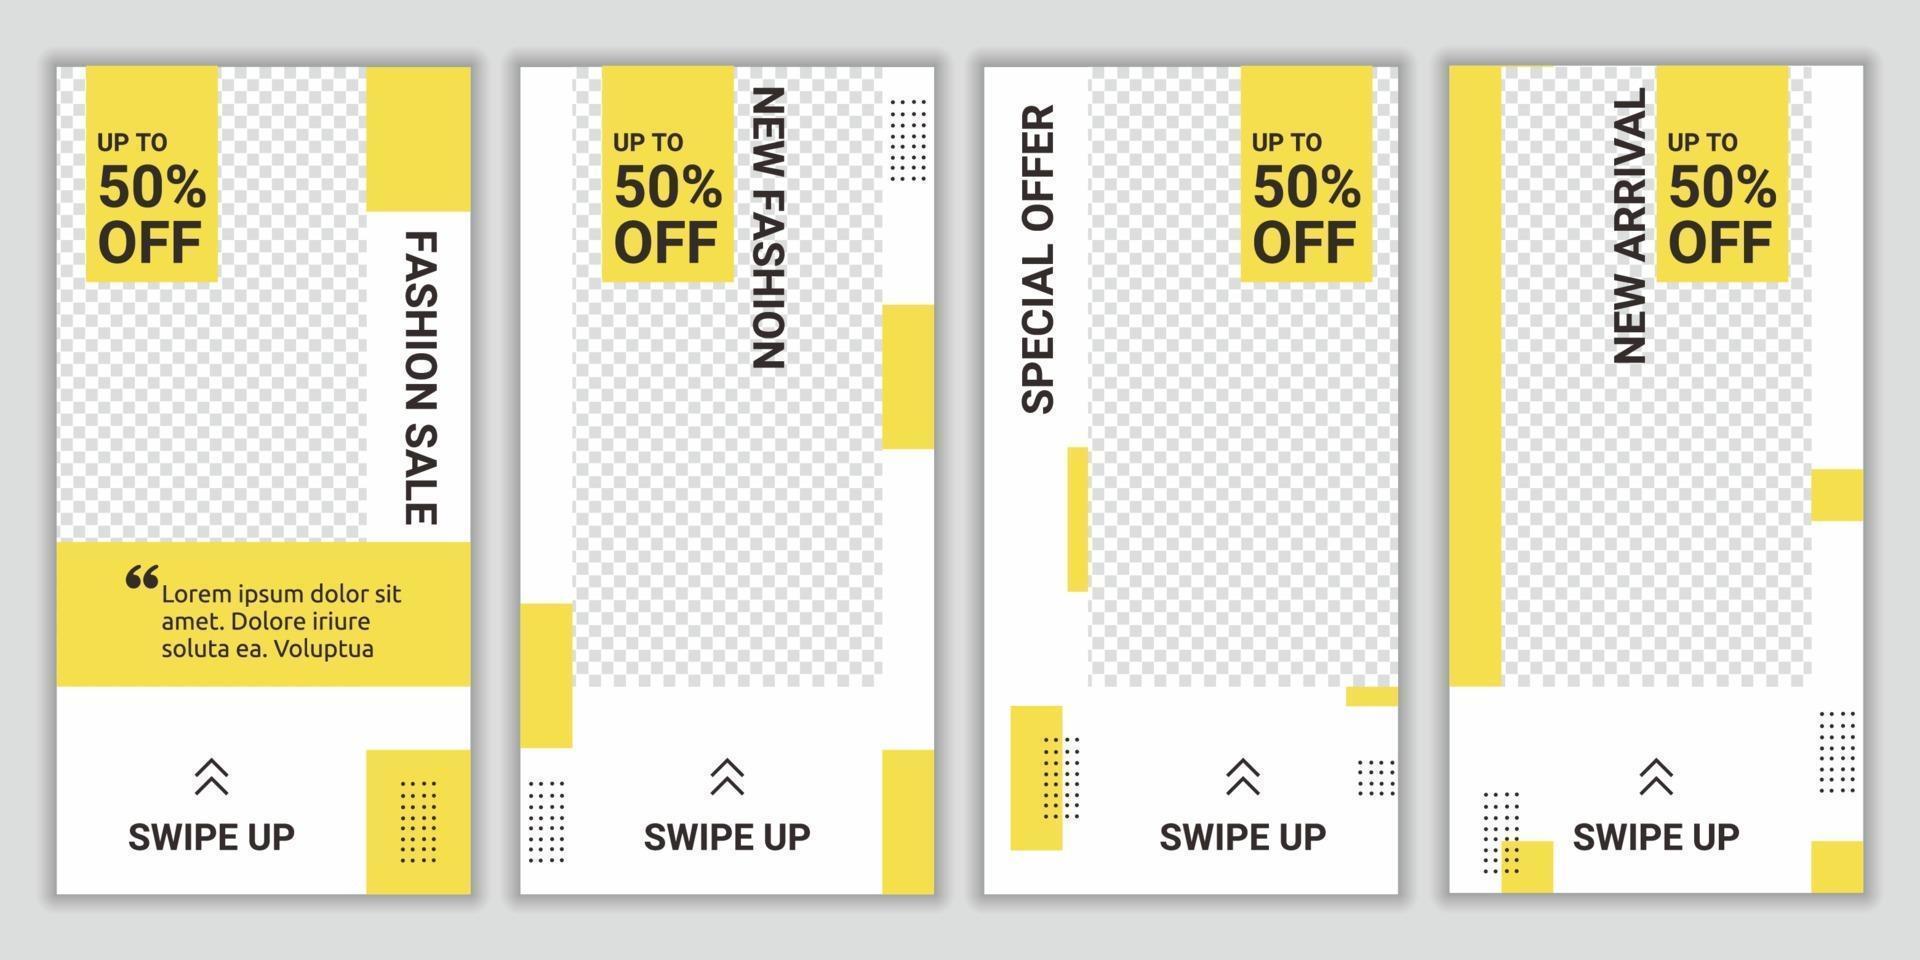 bunt mode försäljning sociala medier post historier för online shopping designmall. lämplig för sociala medier post mode stil digital marknadsföring. trendiga vektor försäljning och rabatt bakgrunder